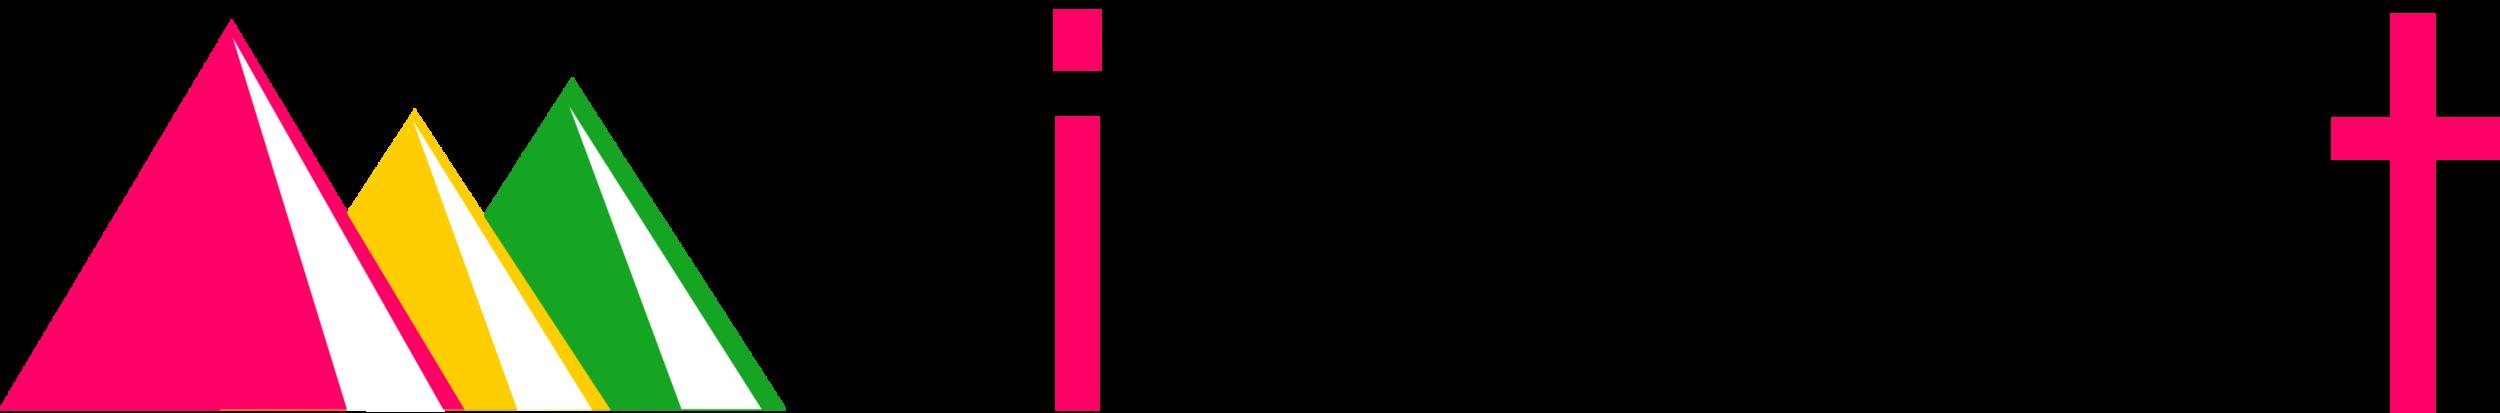 Fullsize+-+Logo.png